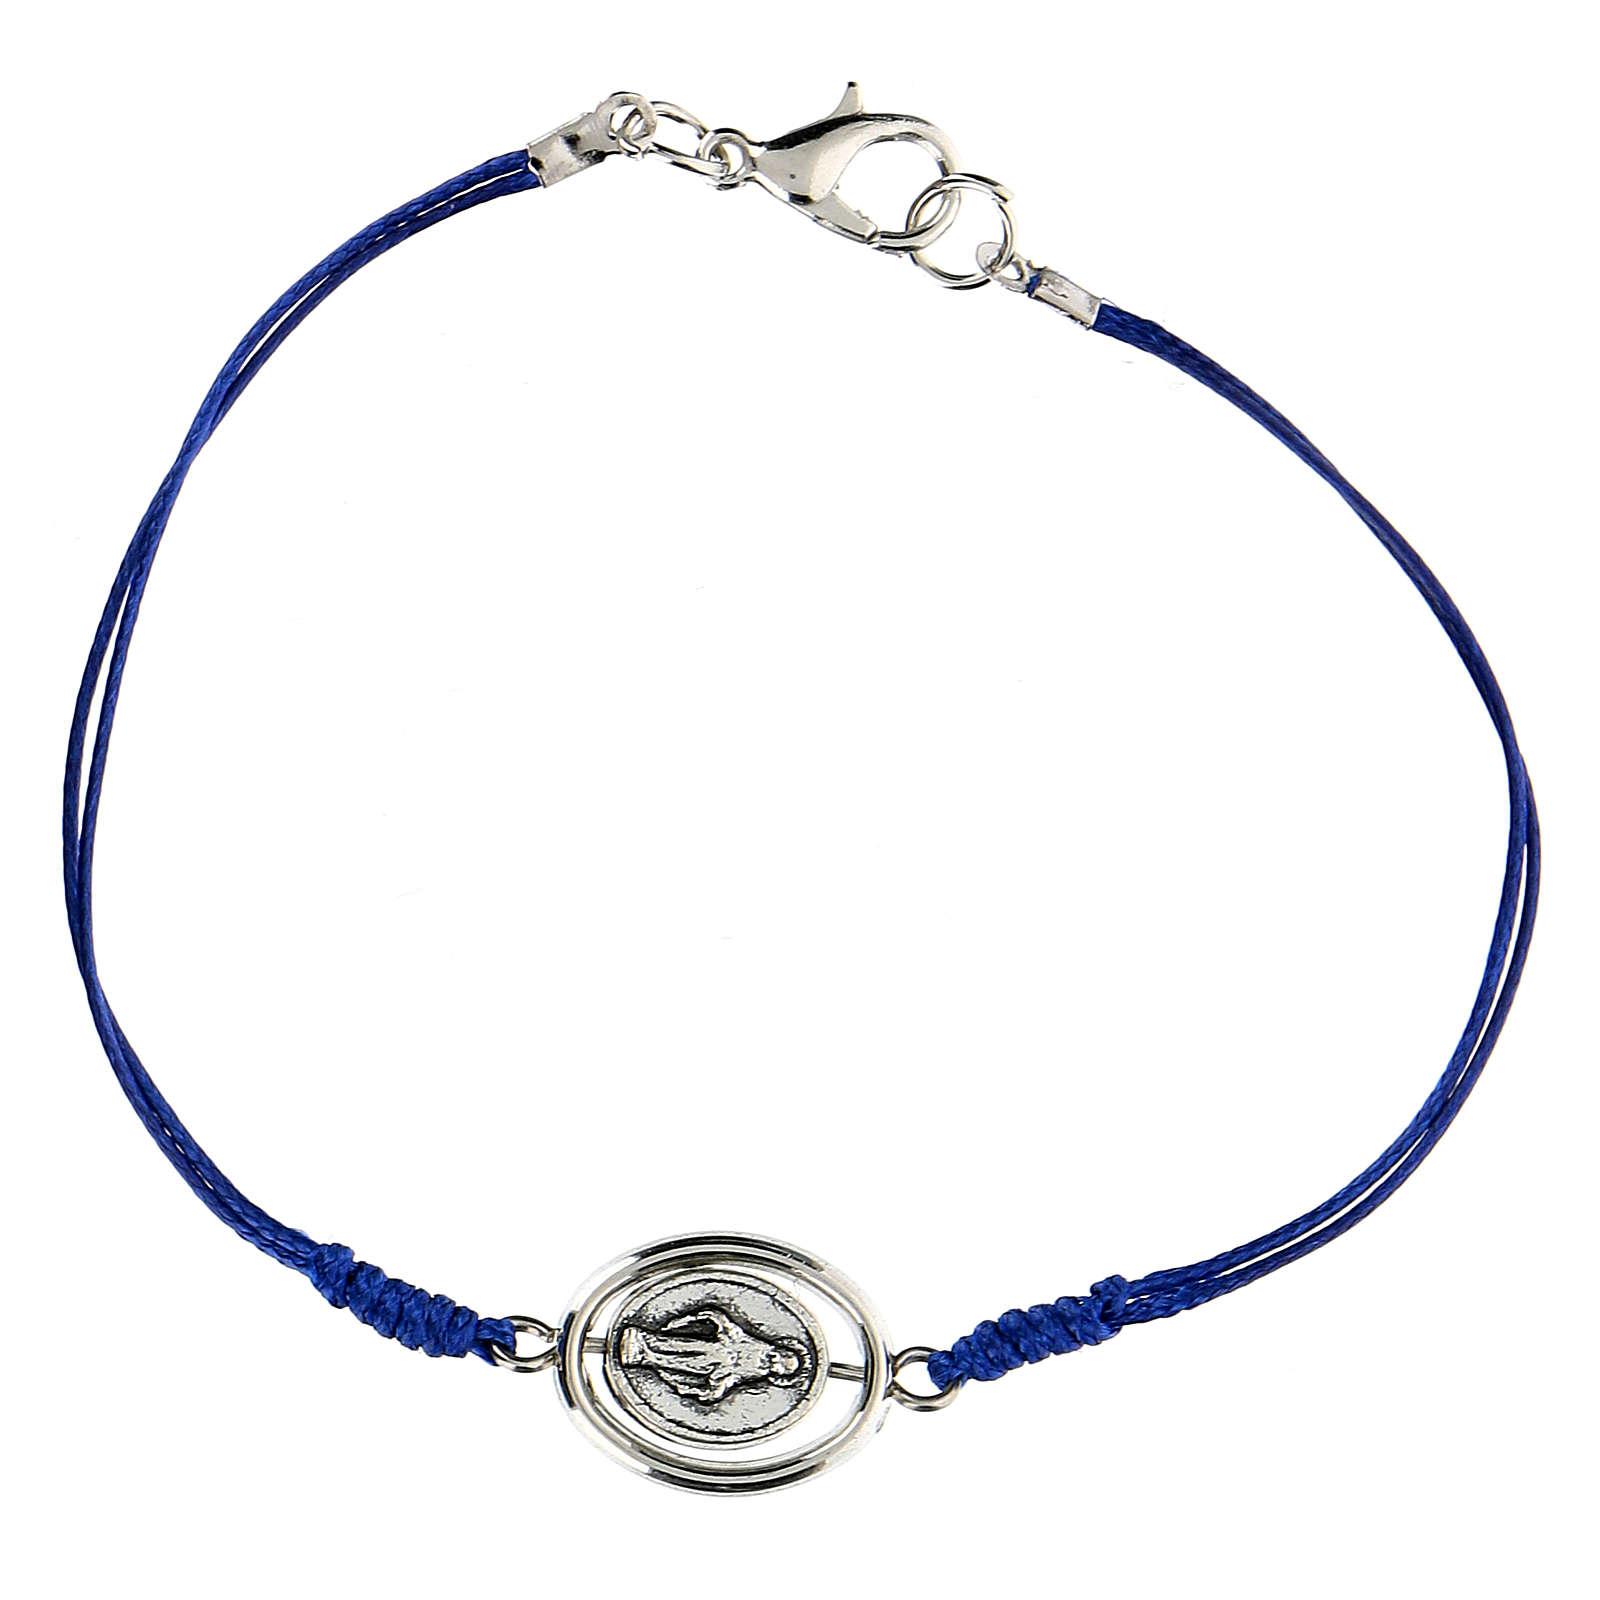 Braccialetto Madonna Miracolosa corda blu 9 mm 4